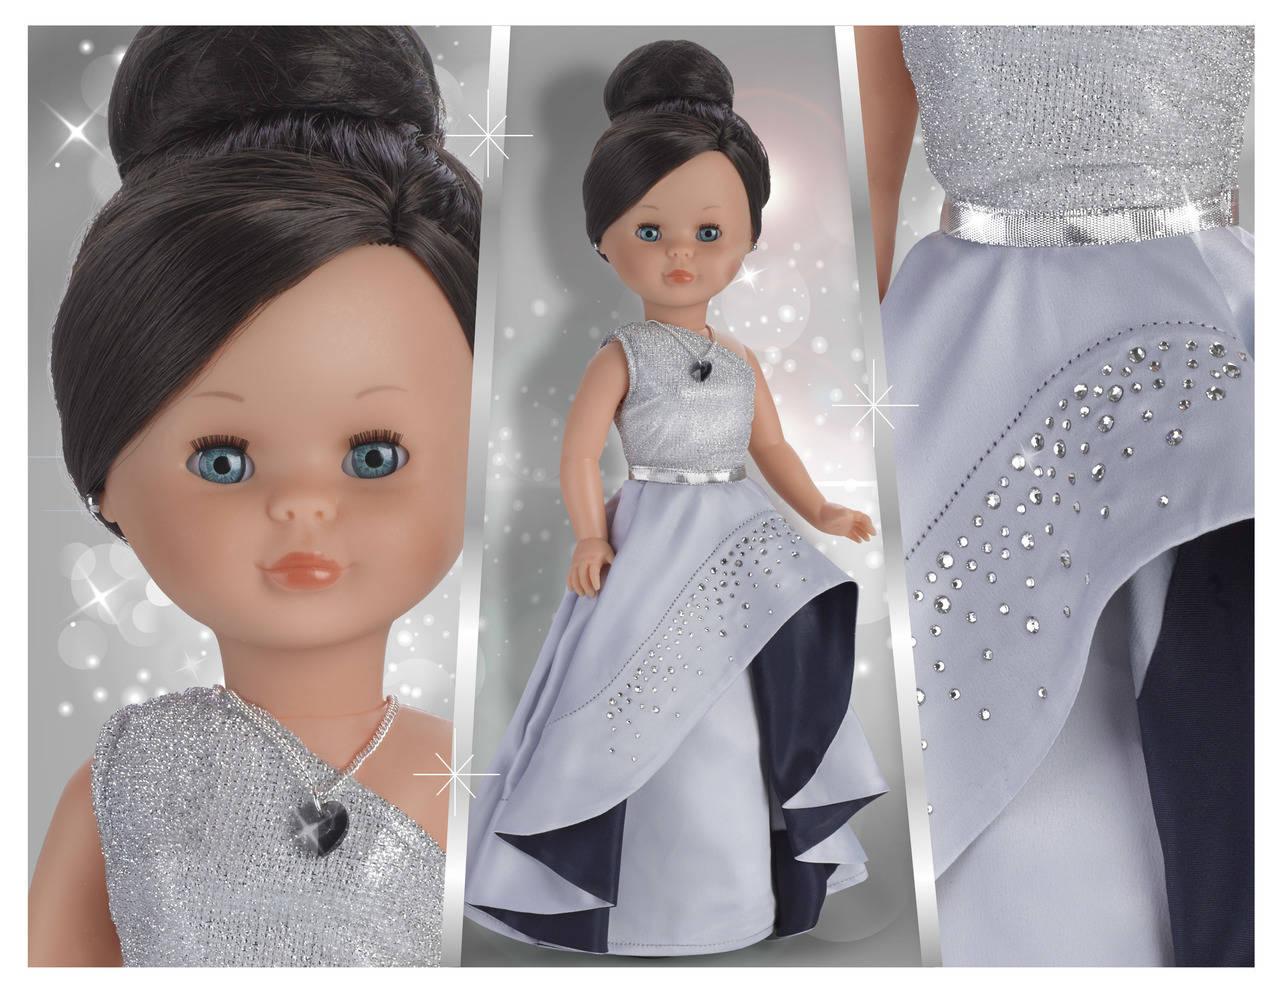 Brillos de Swarovski en el 50 aniversario de la muñeca Nancy